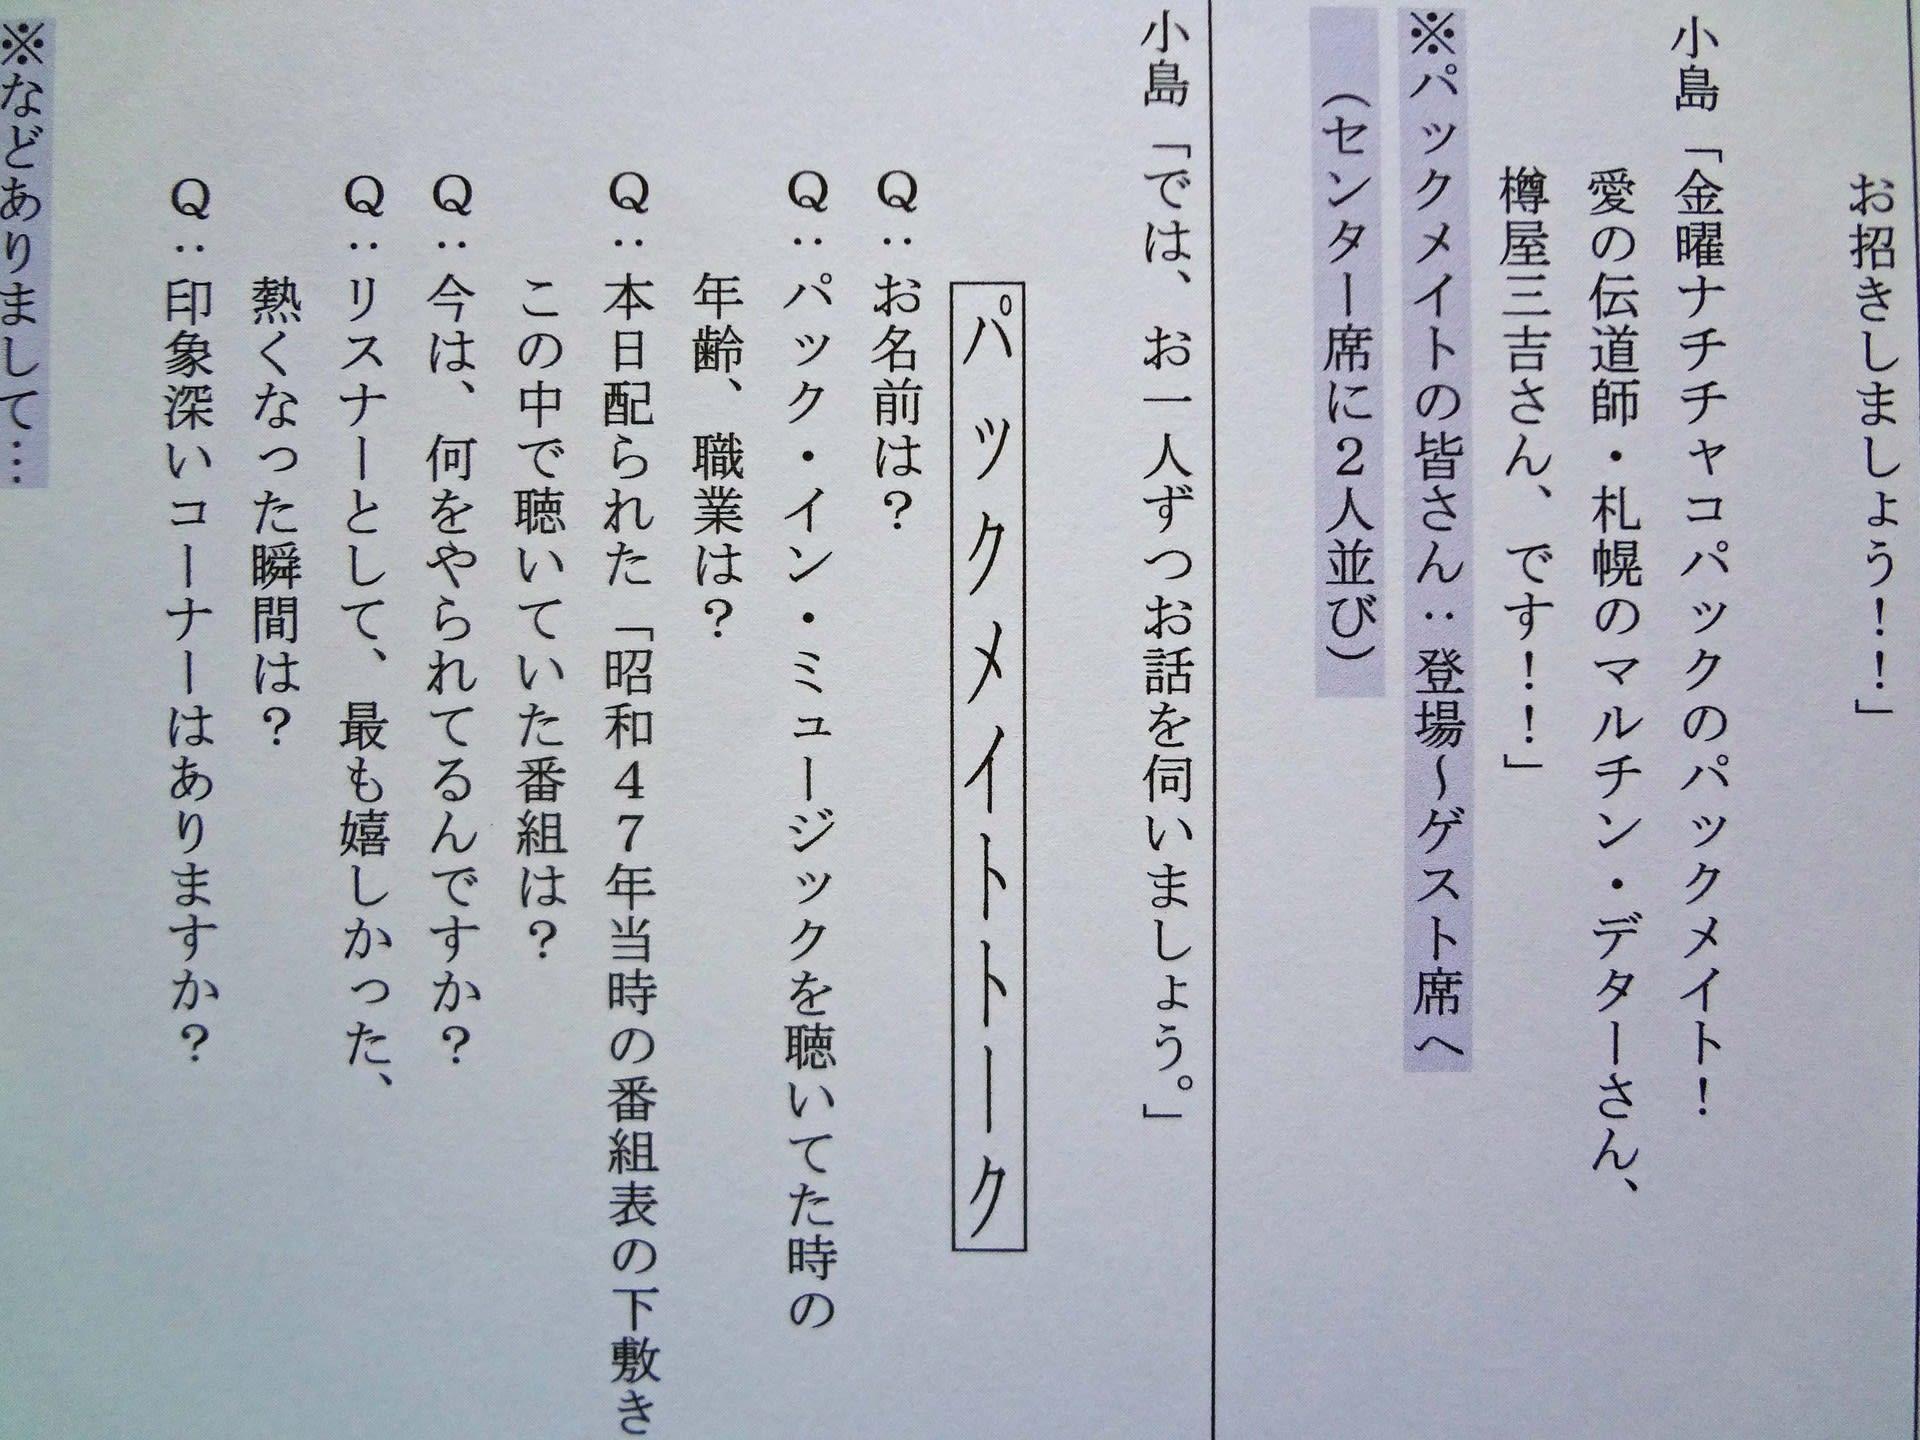 2015年7月26日 TBS我が青春のパ...